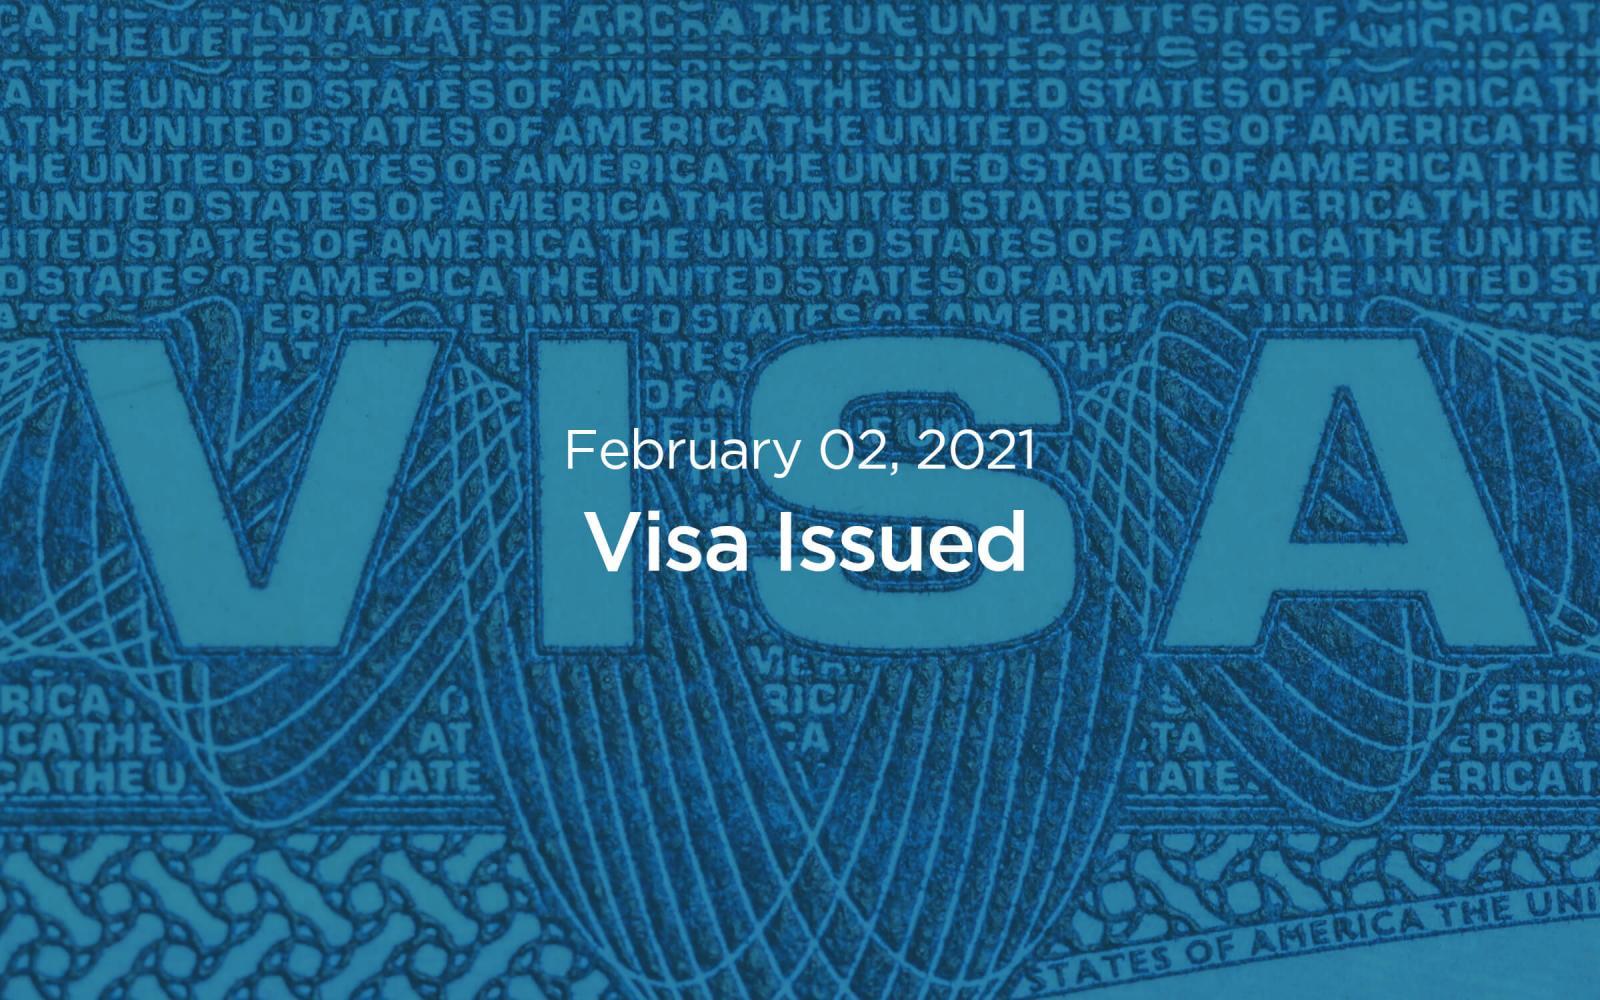 visa issued